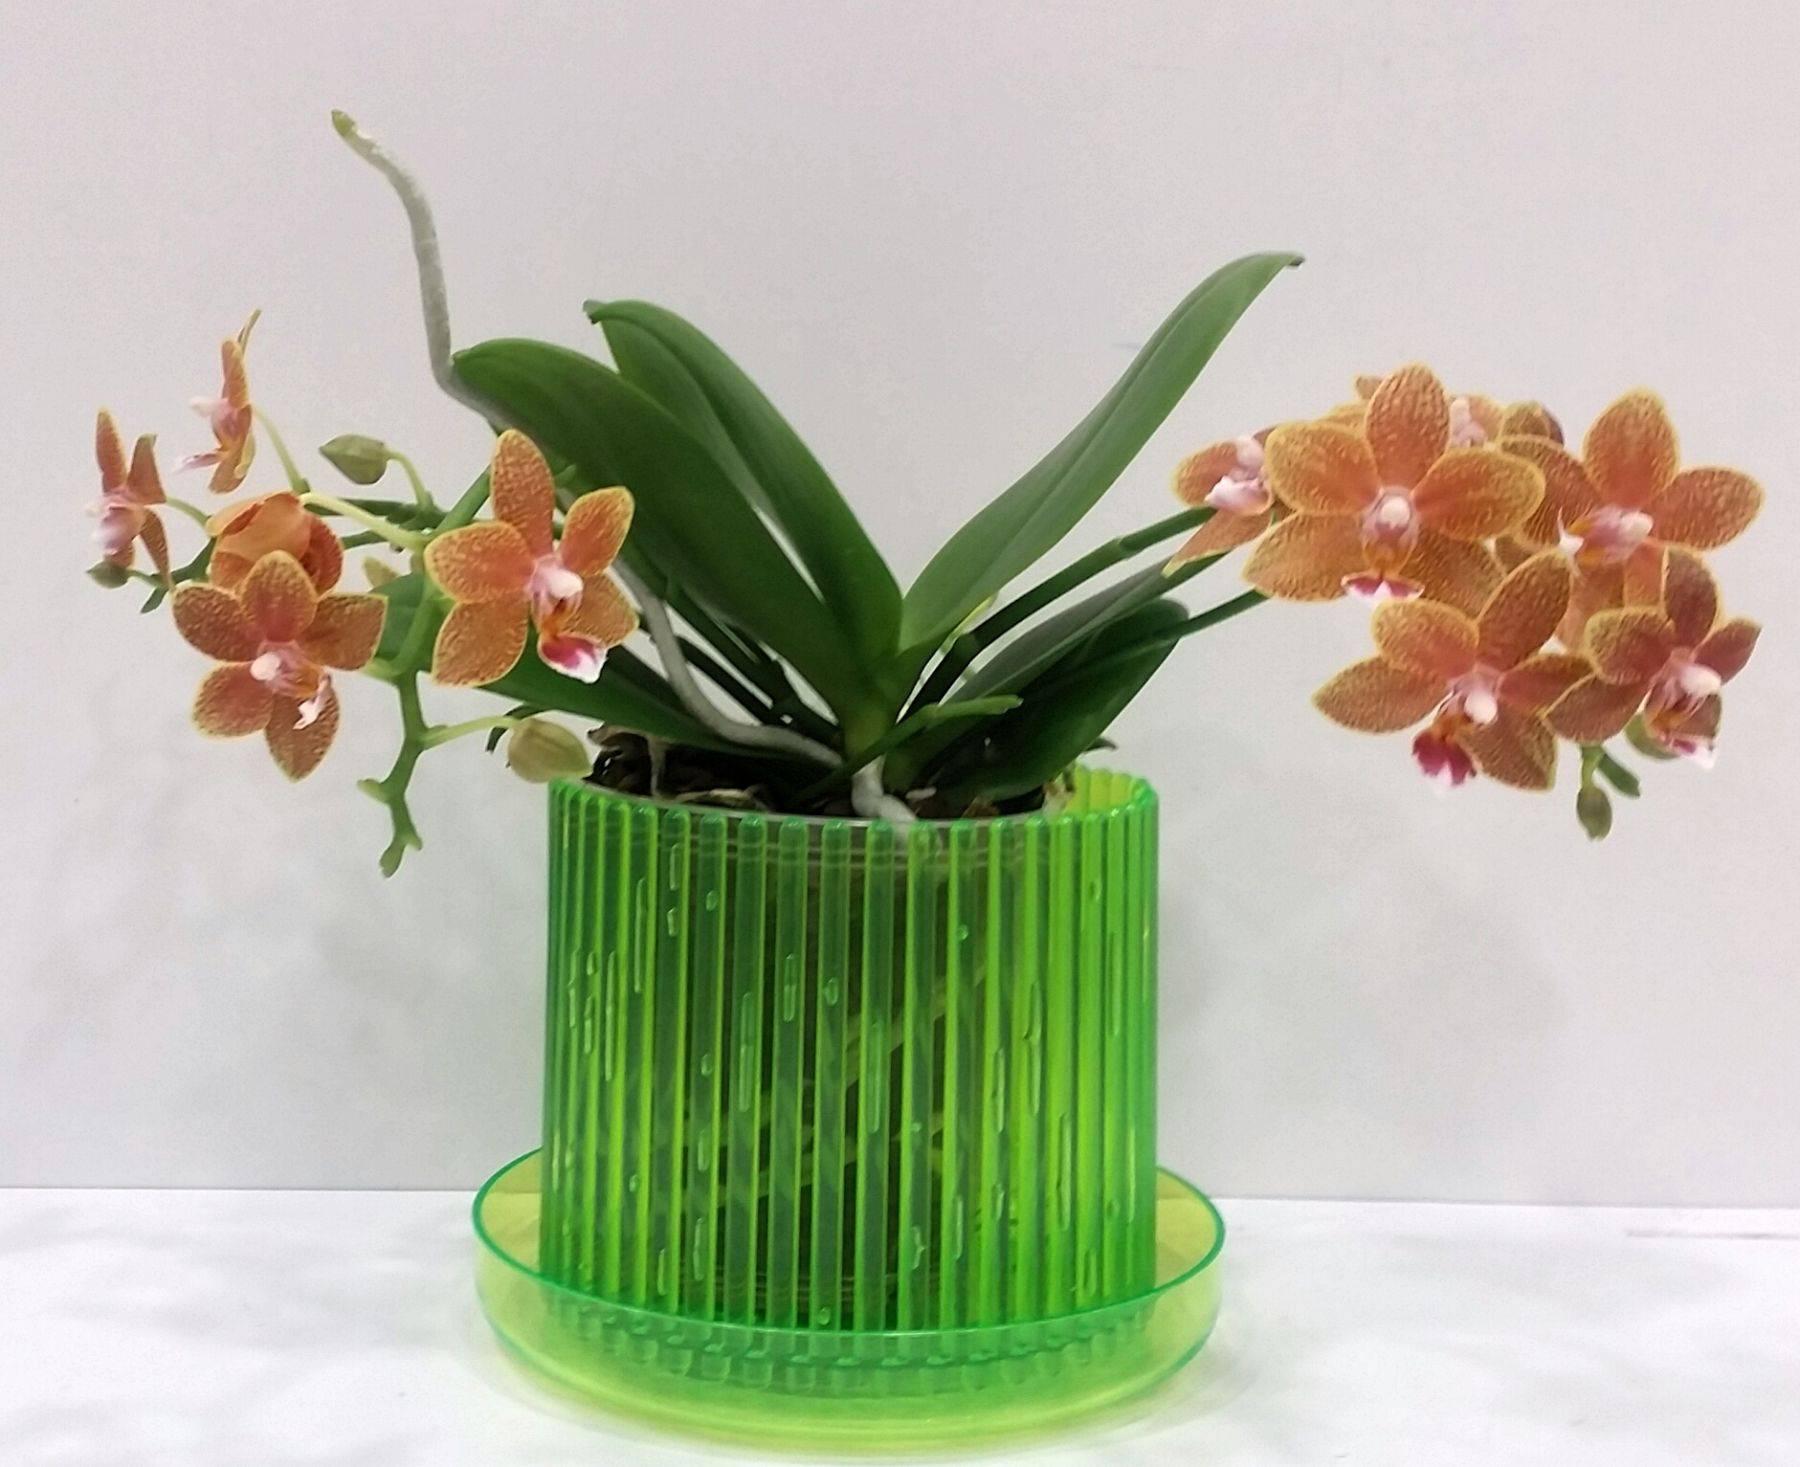 Кашпо для орхидей - какое должно быть: стеклянное (прозрачное), керамическое, подвесное или корзина сделанная своими руками и фото красивых вариантов